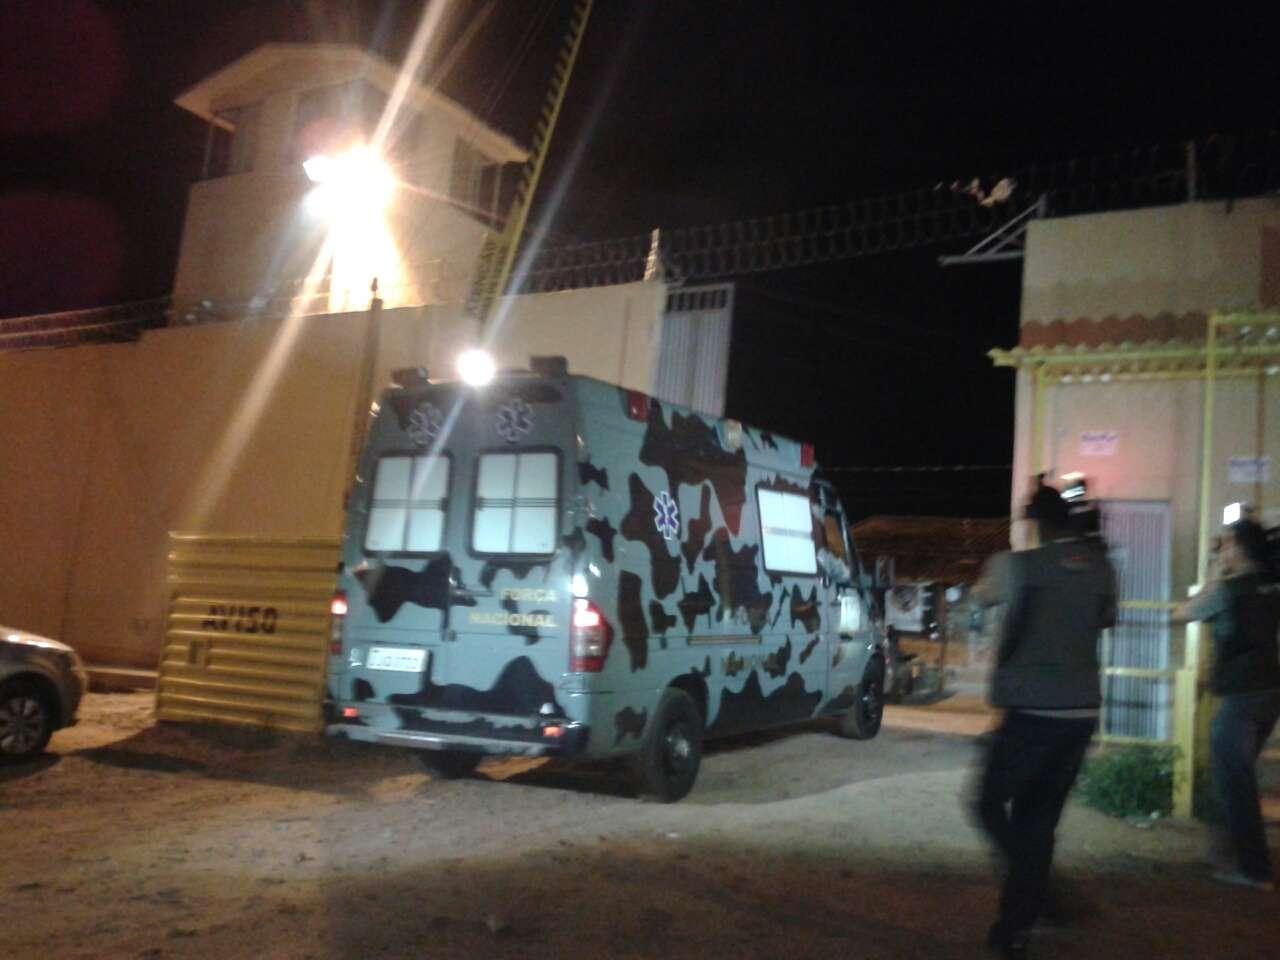 Viatura da Força Nacional entra no complexo penitenciário de Pedrinhas para conter motim de presos Foto: Clodoaldo Corrêa/Especial para Terra